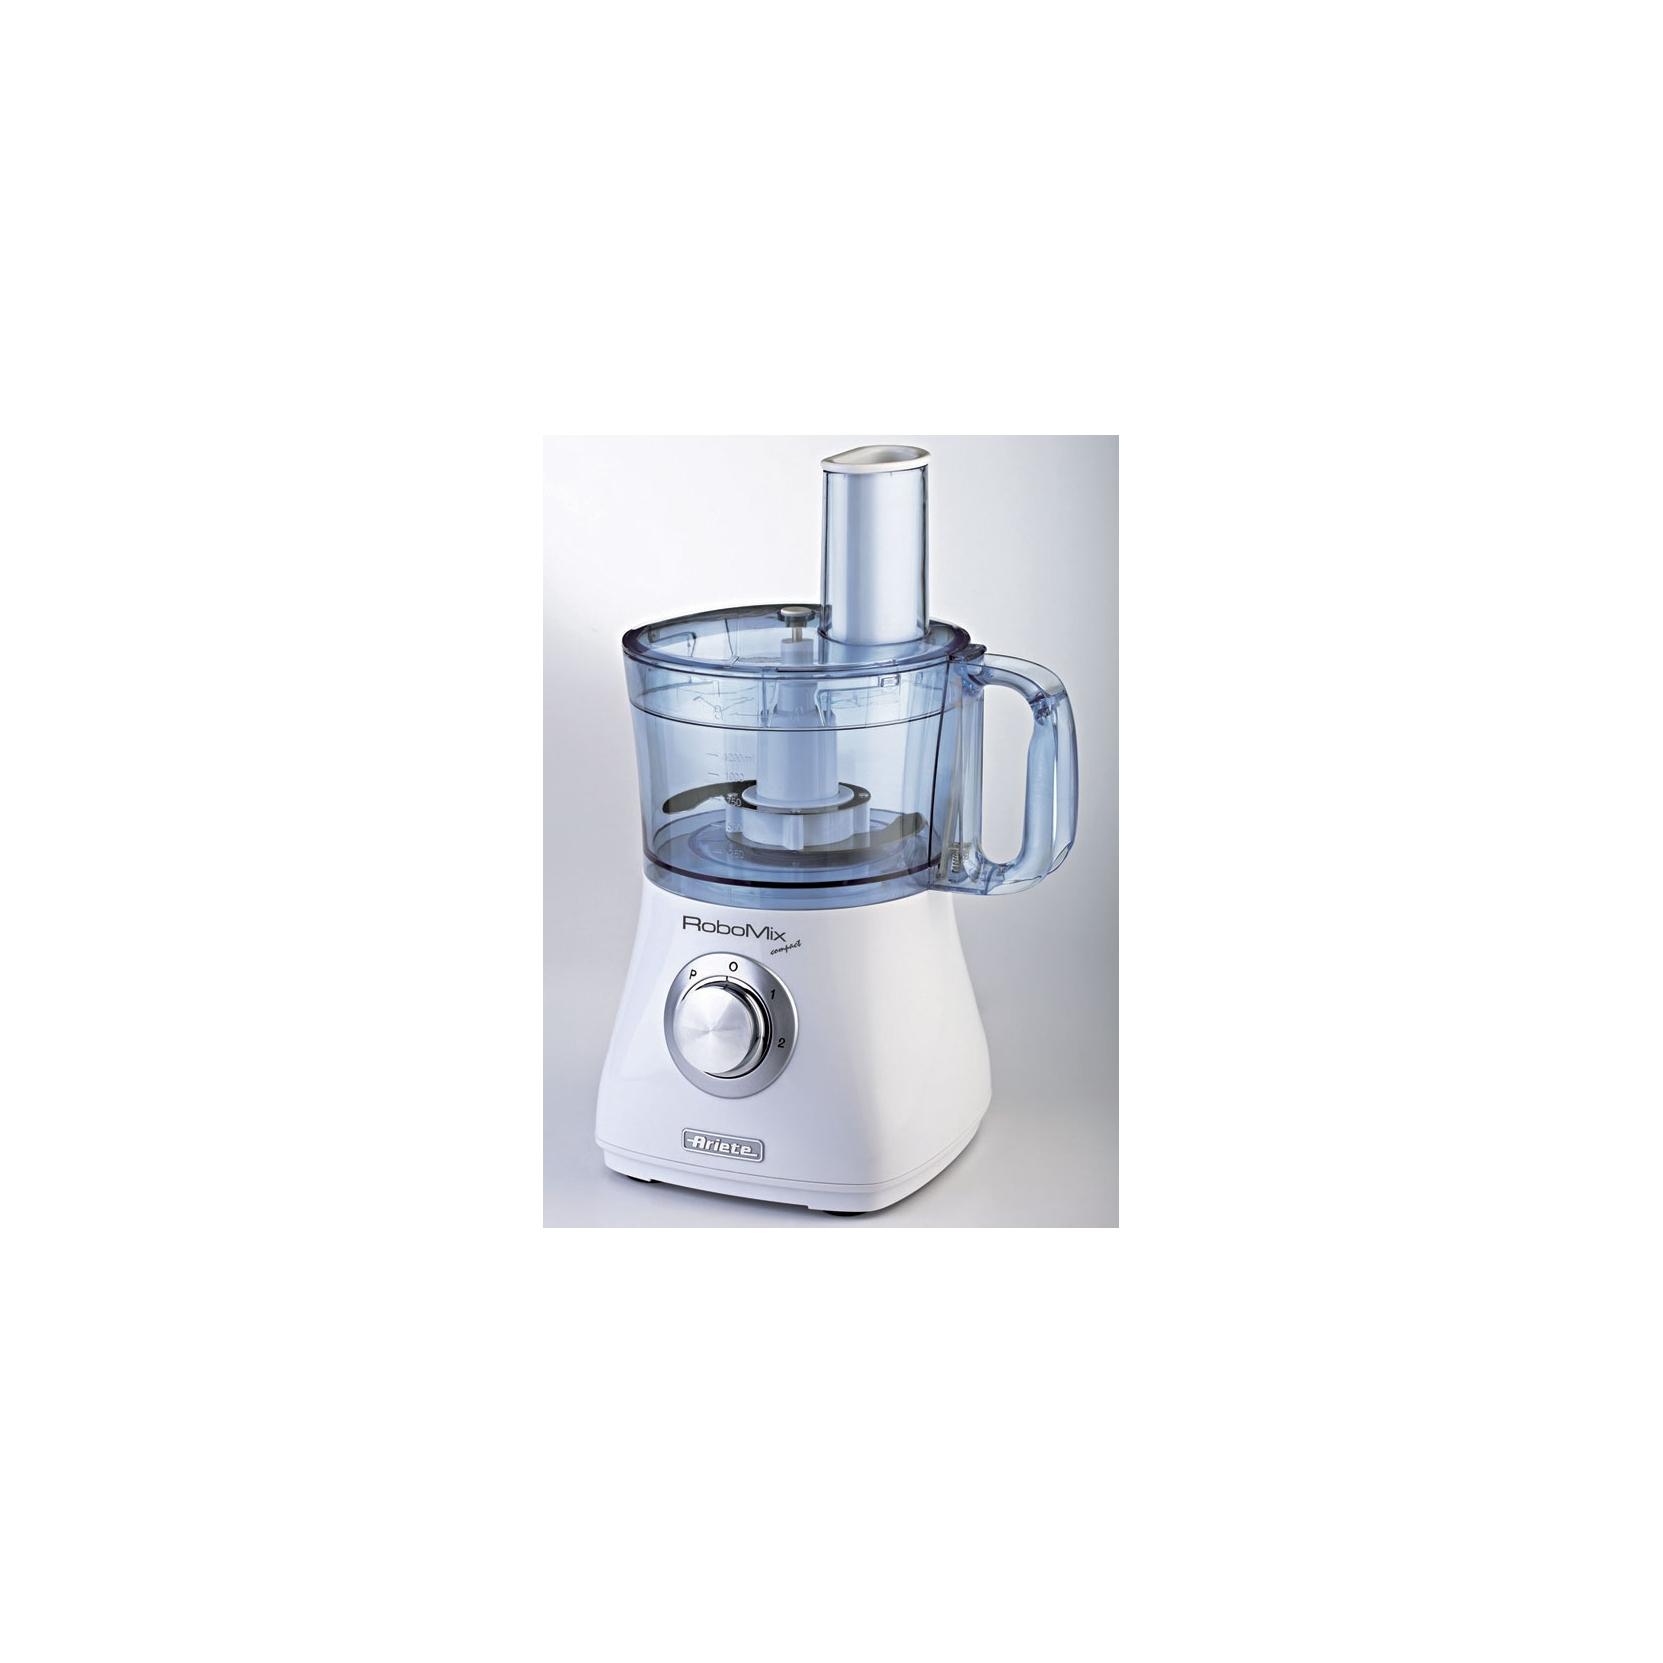 Ariete robot da cucina 1784 robomix compact 500 w 2 lt bianco garanzia italia elettrovillage - Elettrodomestici piccoli da cucina ...